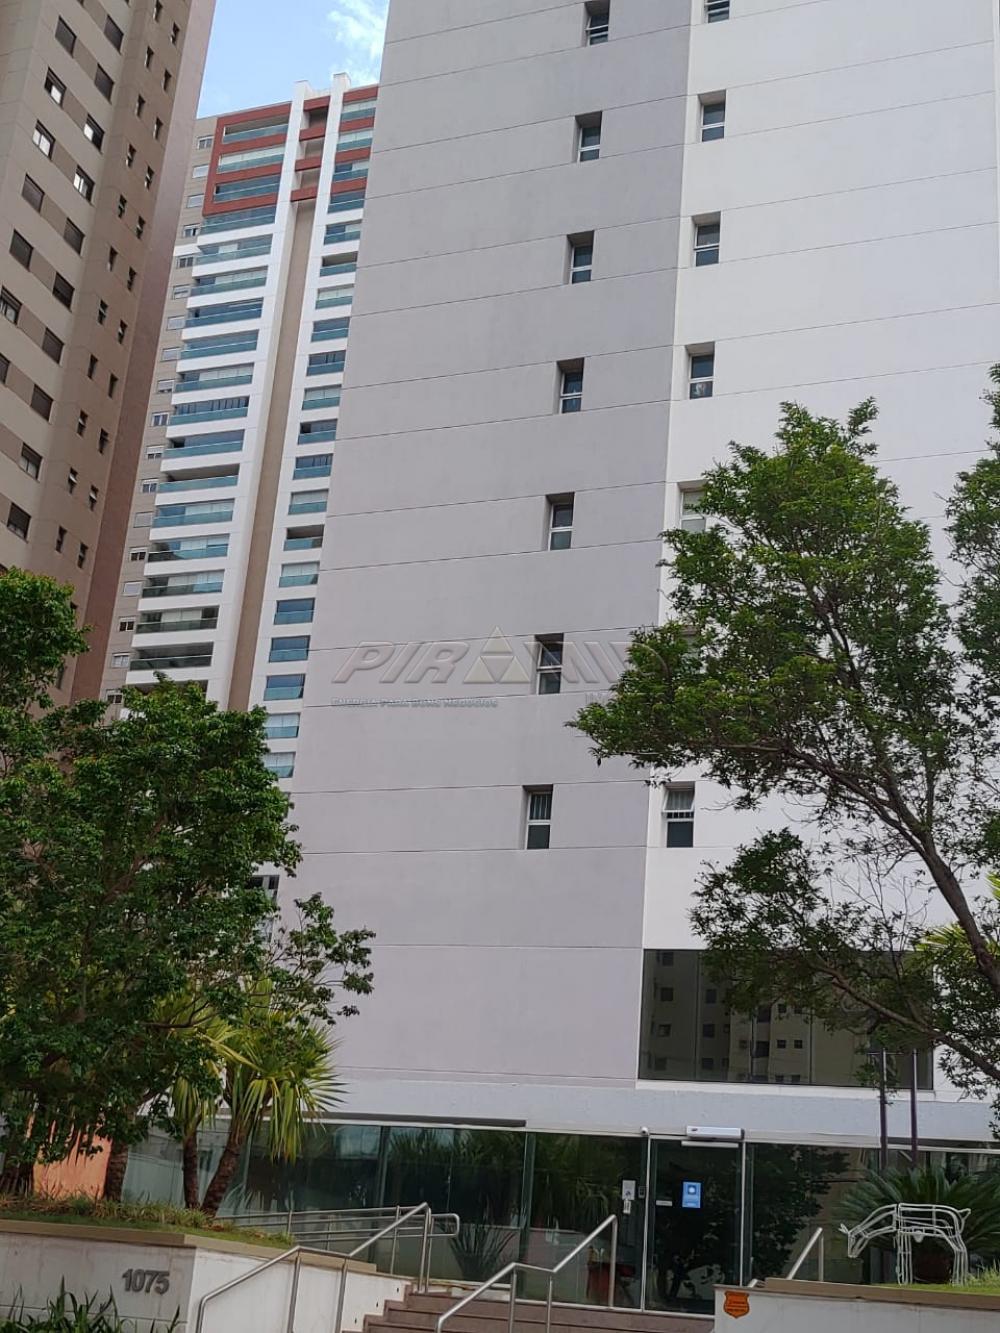 Comprar Apartamento / Padrão em Ribeirão Preto R$ 2.650.000,00 - Foto 6